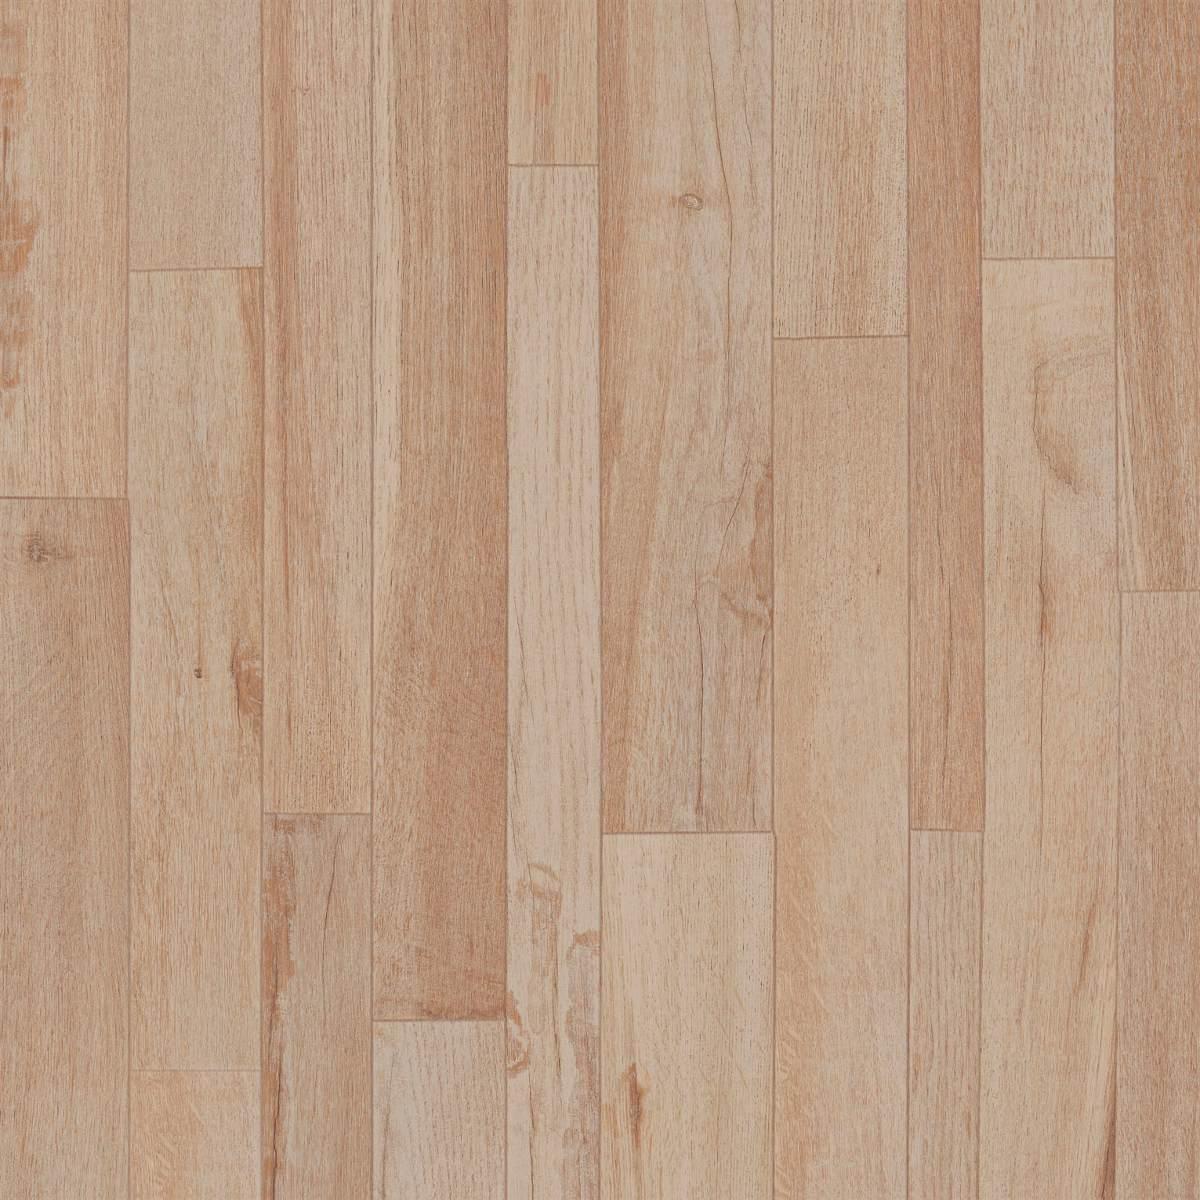 Piso modelo madeira ceramico 54x54 dura lote com 97 metros for Pisos de ceramica